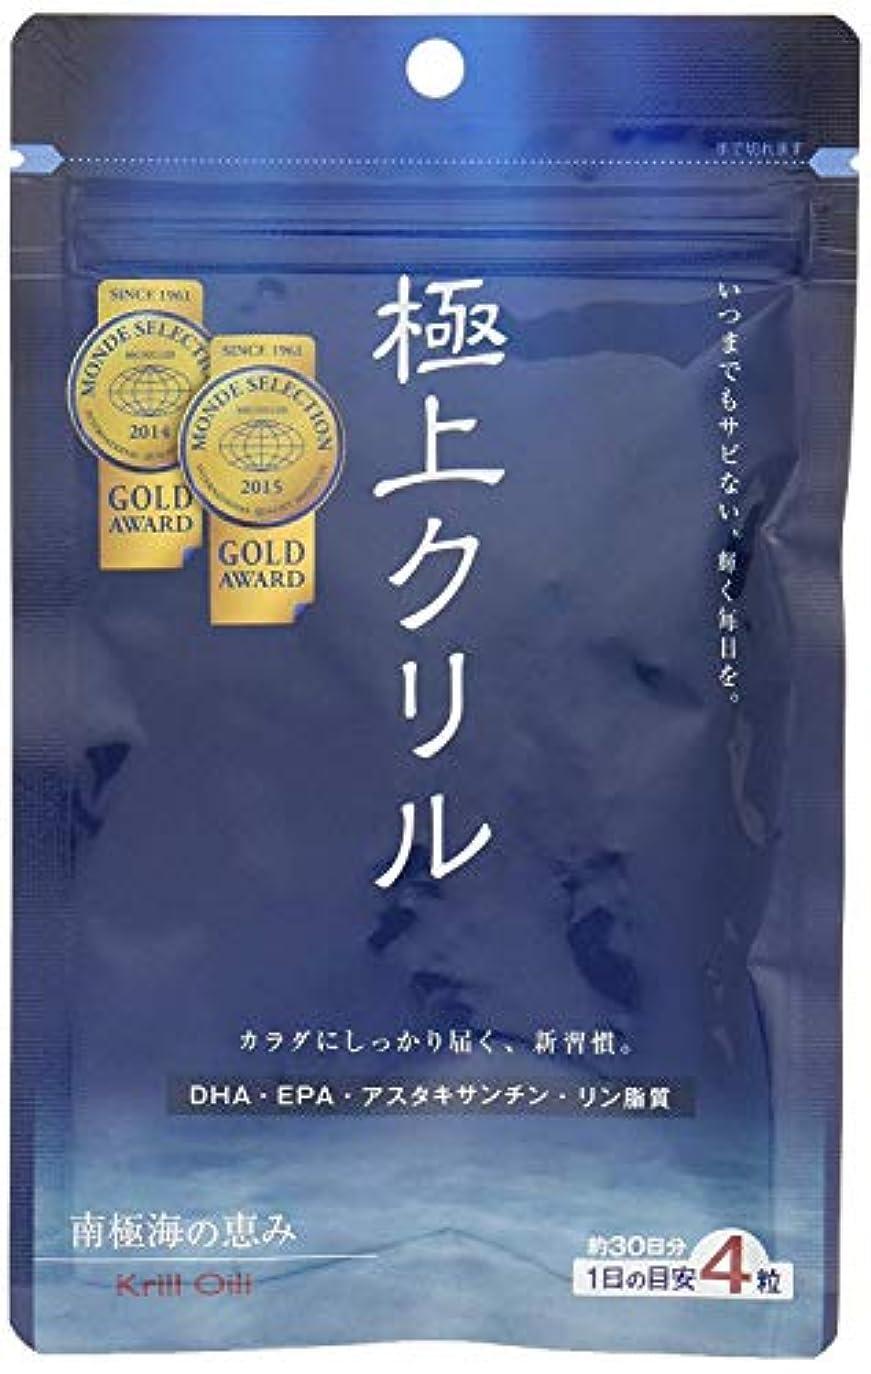 アルファベット順オズワルドシンプルな極上クリル120粒 100%クリルオイル (約1ヶ月分) 日本製